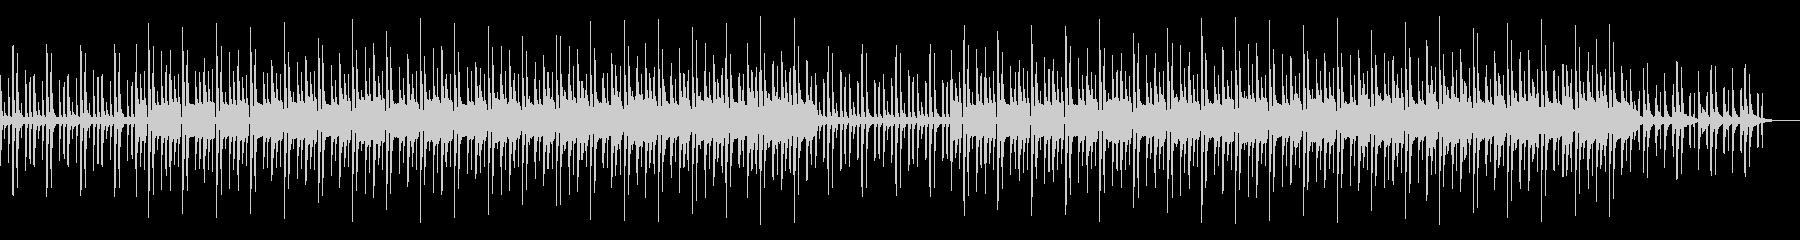 おとぼけでコミカルなカートゥーン系の未再生の波形